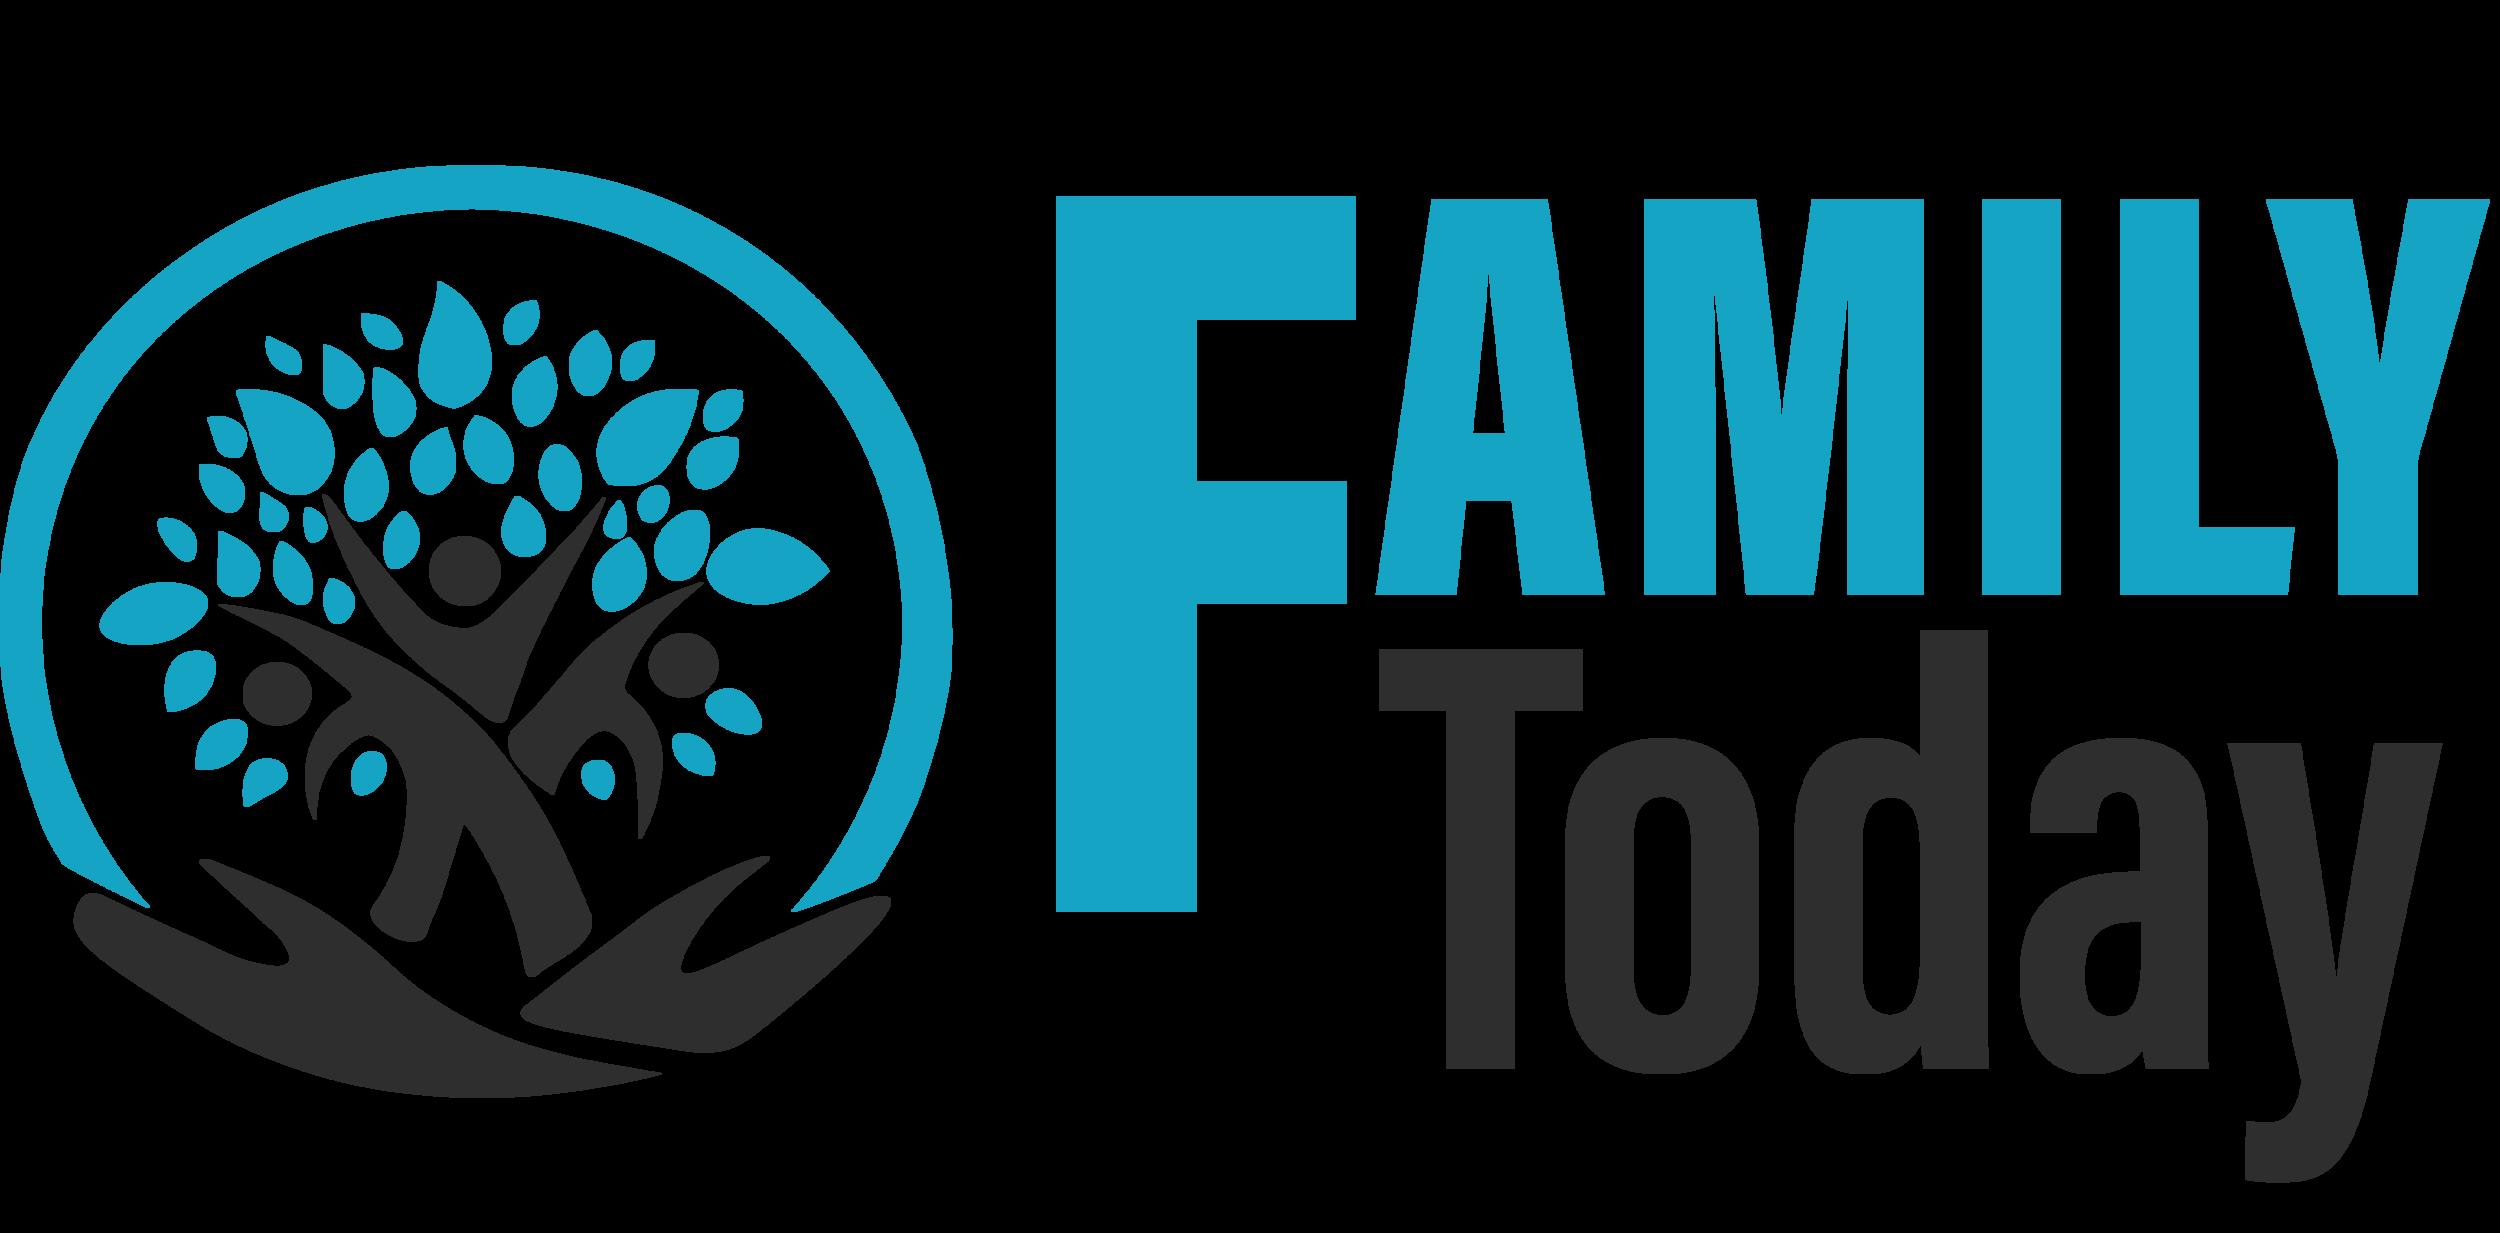 FamilyTodayLogo.png